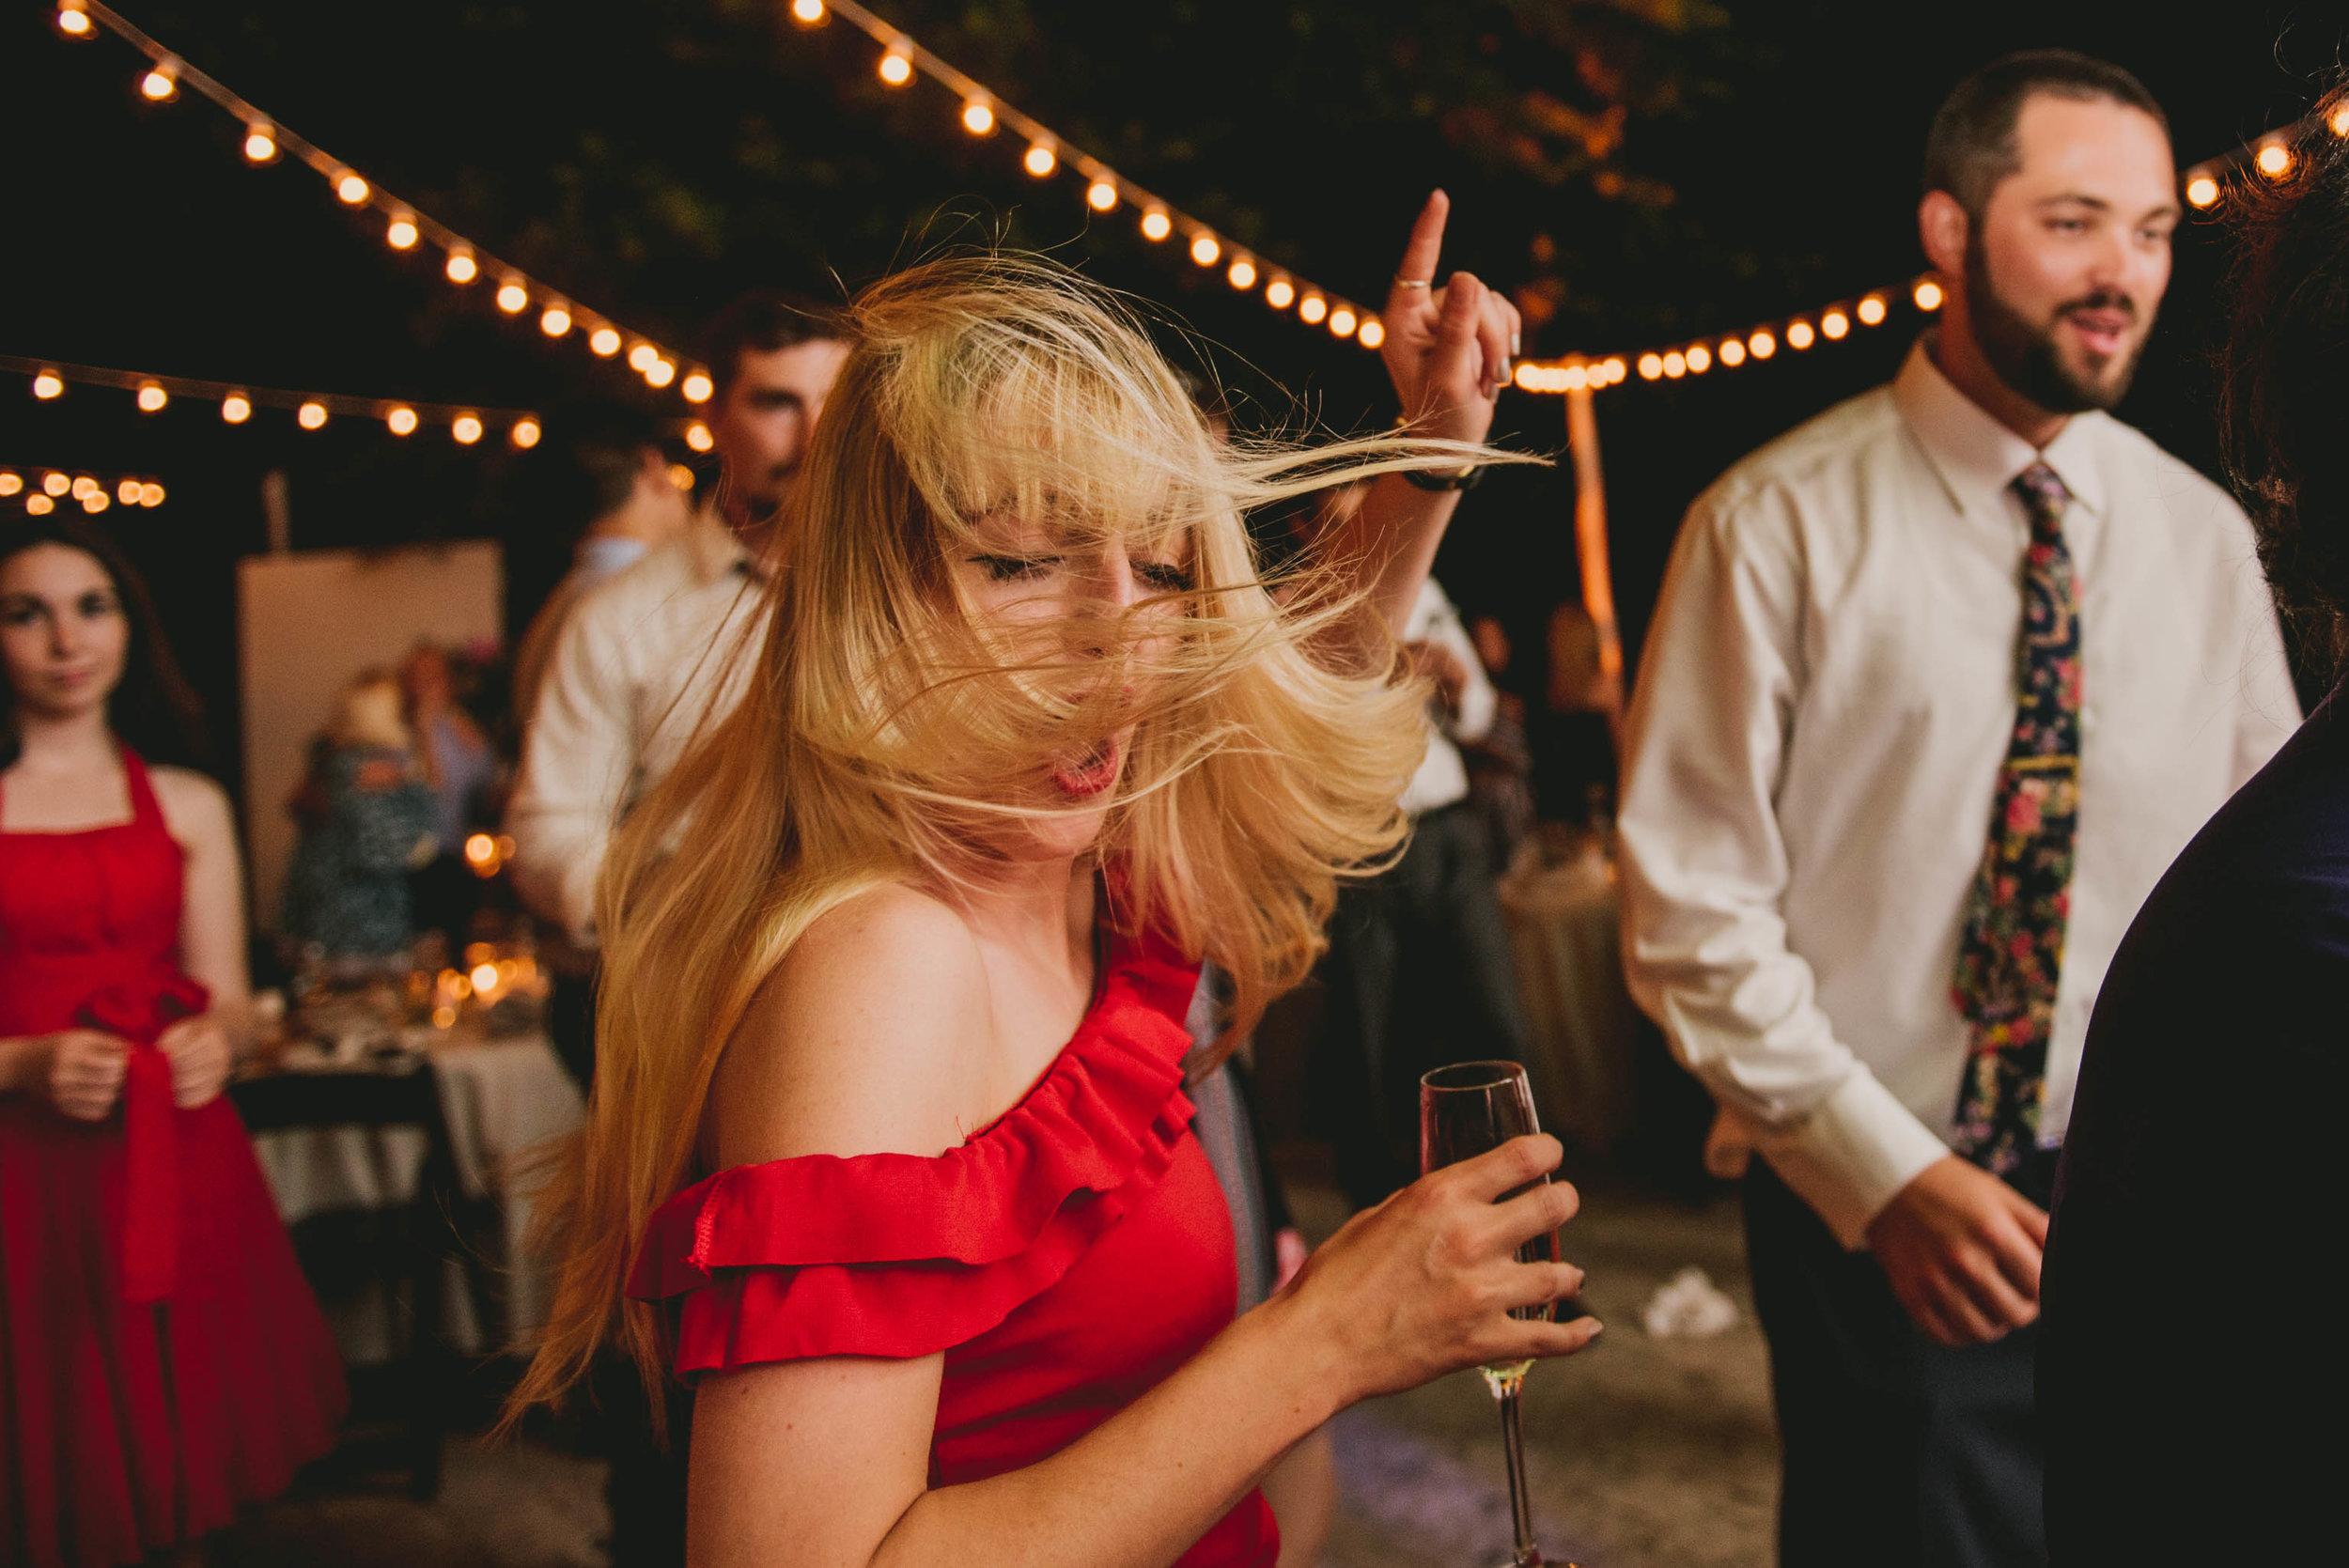 mims-house-wedding-crazy-reception-dancing-photos.jpg